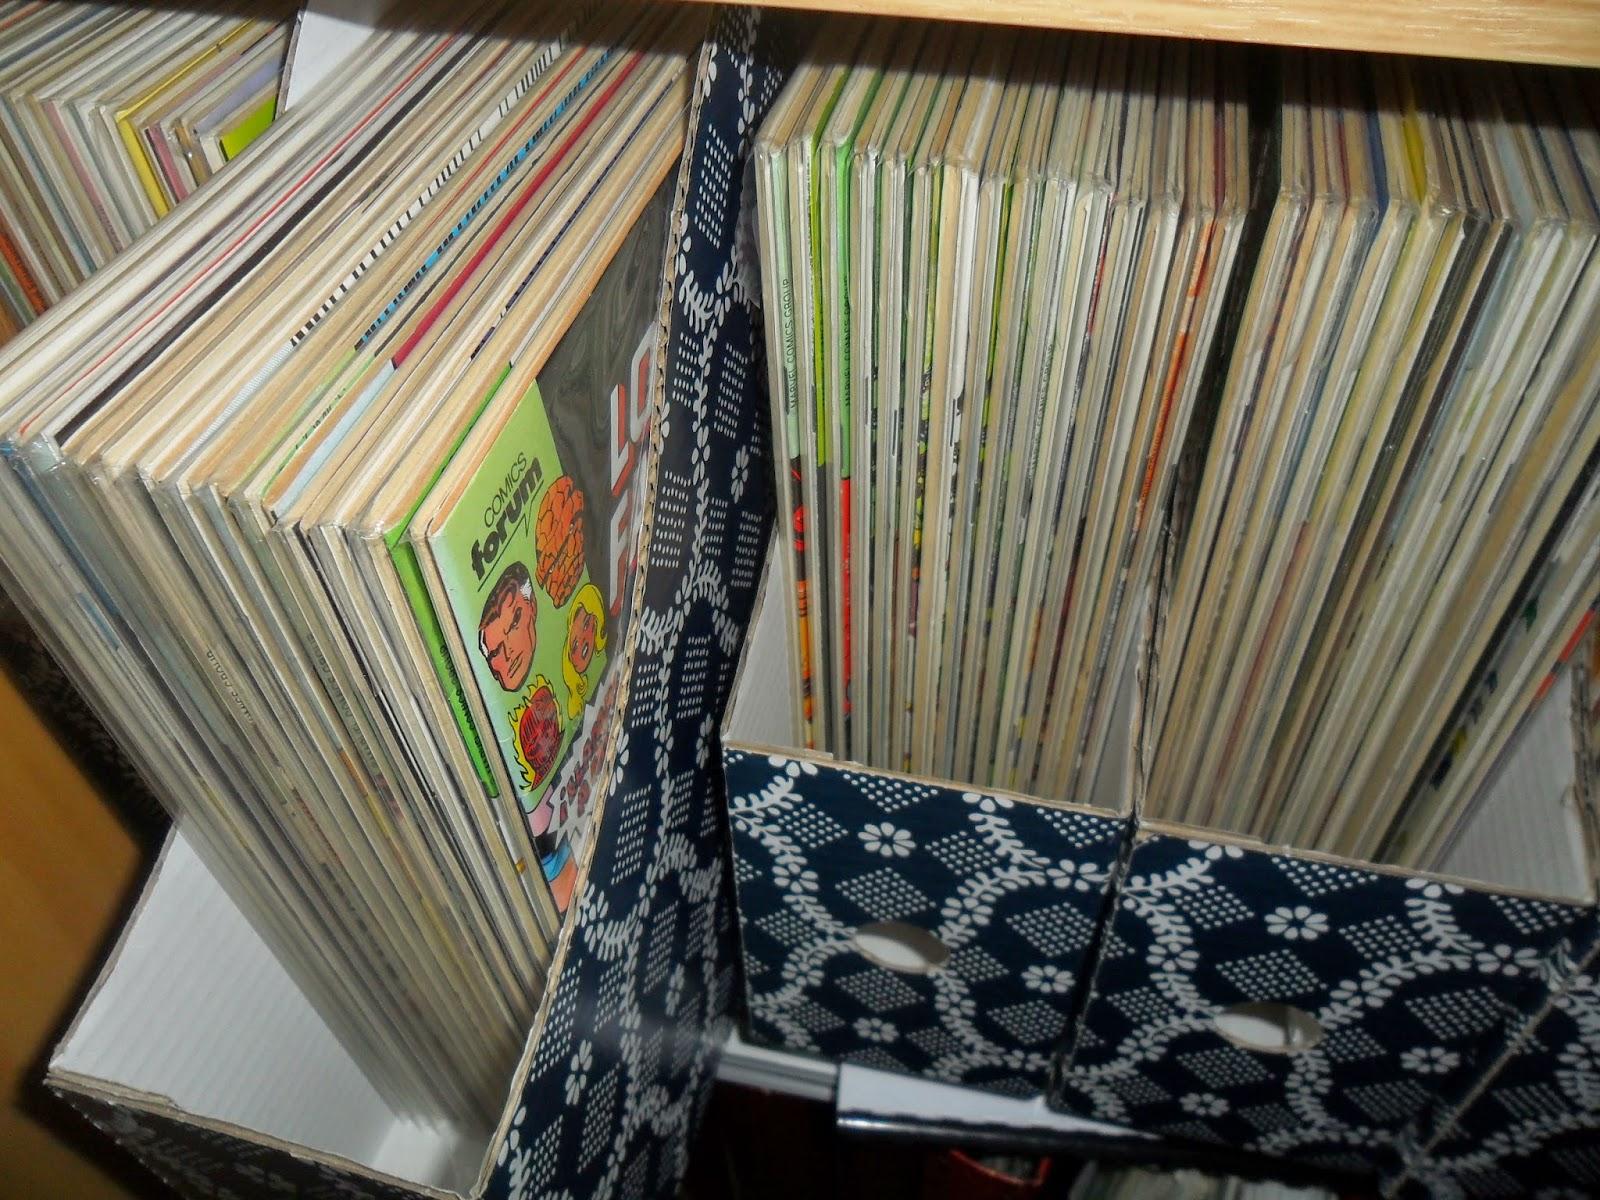 La casa del c mic sugerencias para conservar y organizar - Ordenar trastero ...